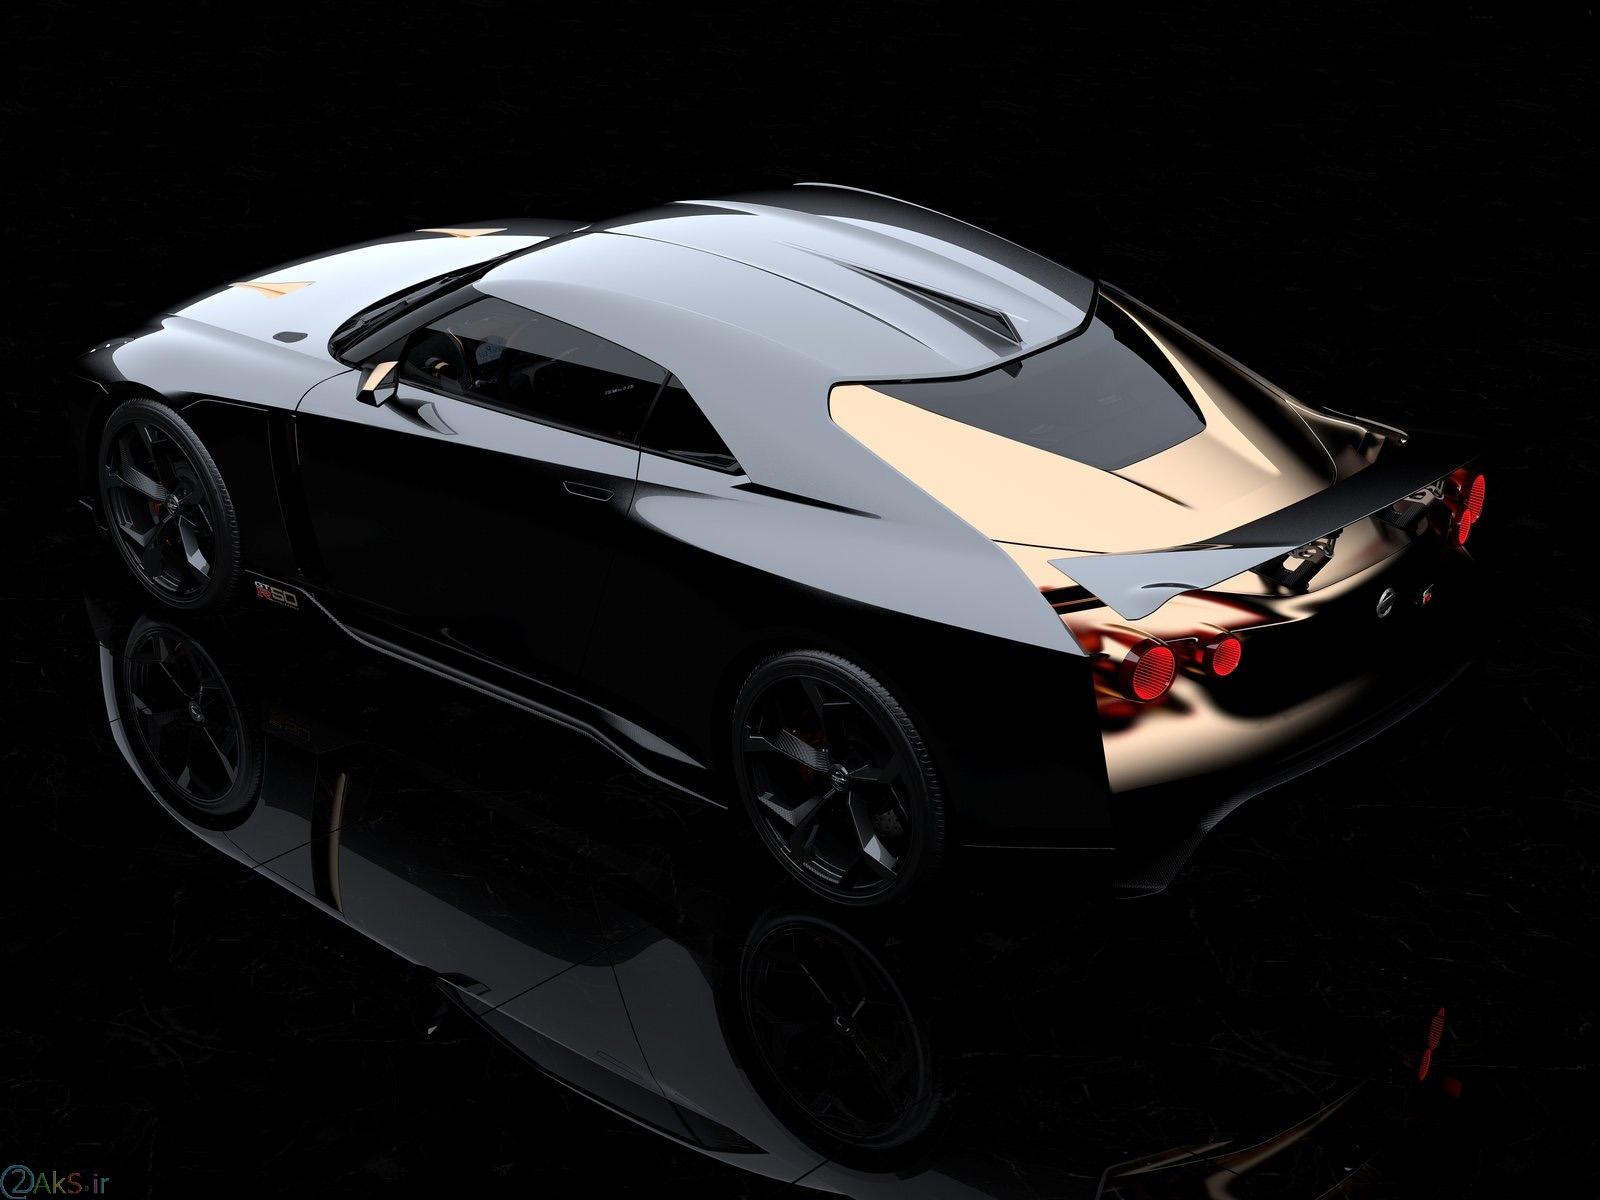 ماشین GT-R50 by Italdesign